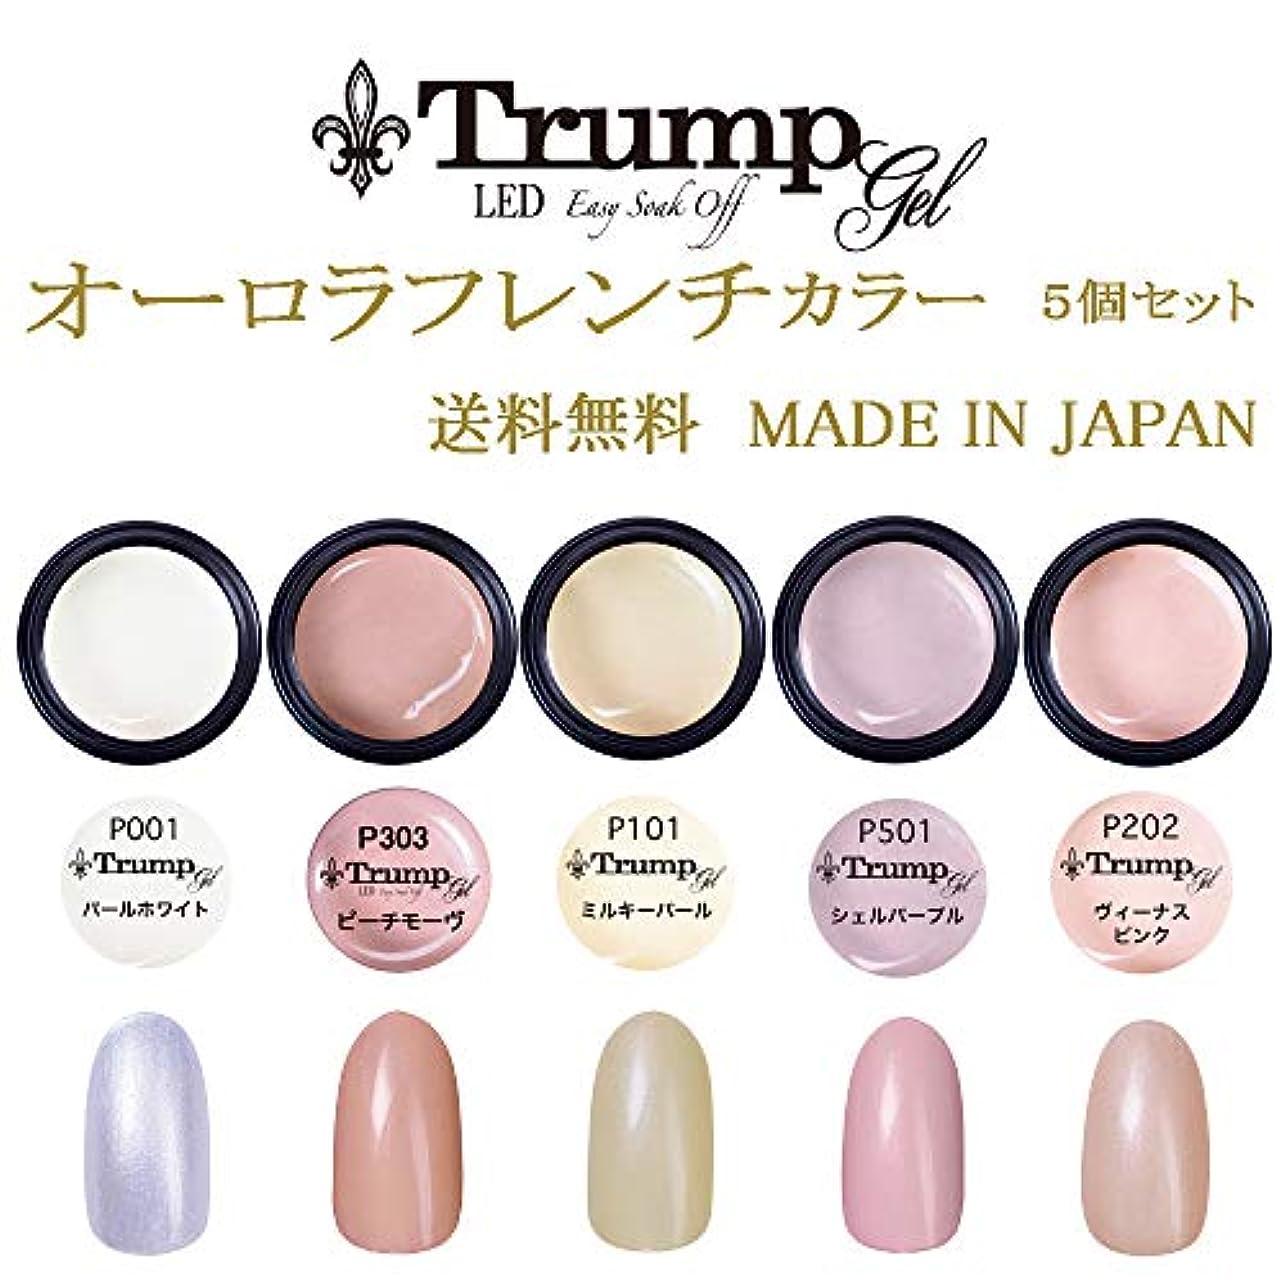 内陸テーブルを設定するますます【送料無料】日本製 Trump gel トランプジェル オーロラフレンチカラージェル 5個セット オーロラ感たたっぷりな オーロラフレンチネイルカラージェルセット